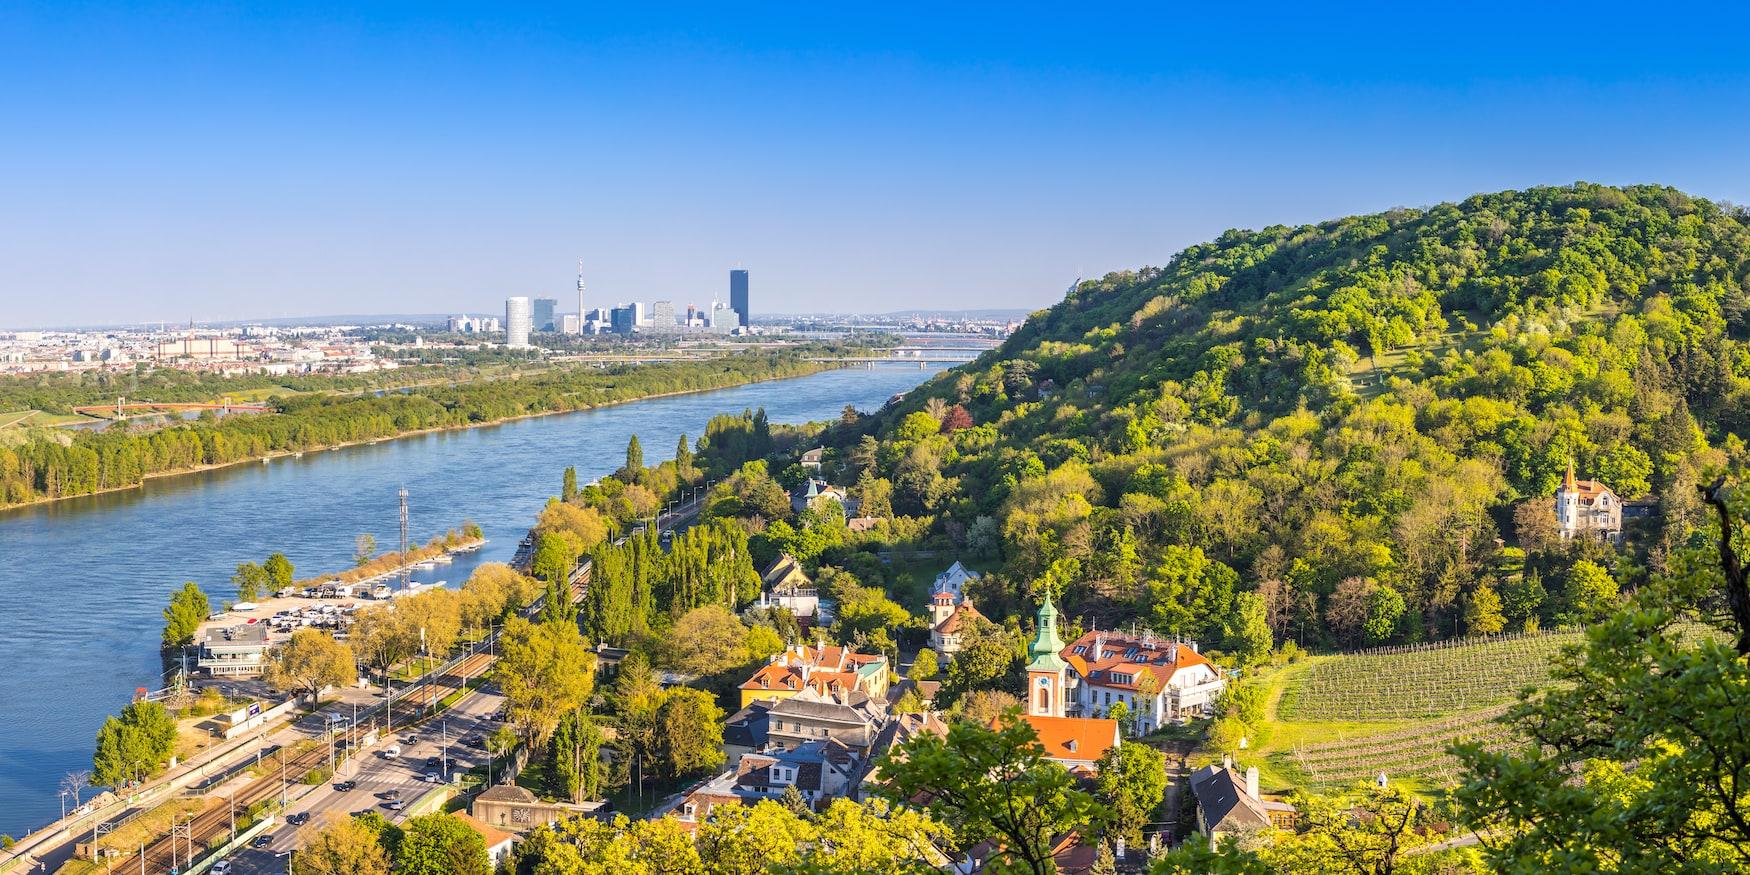 Ansicht der Wiener Vorstadt - Kahlenbergdorf mit Blick auf die Donau, die Donauinsel und die Wiener Skyline im Hintergrund, Österreich